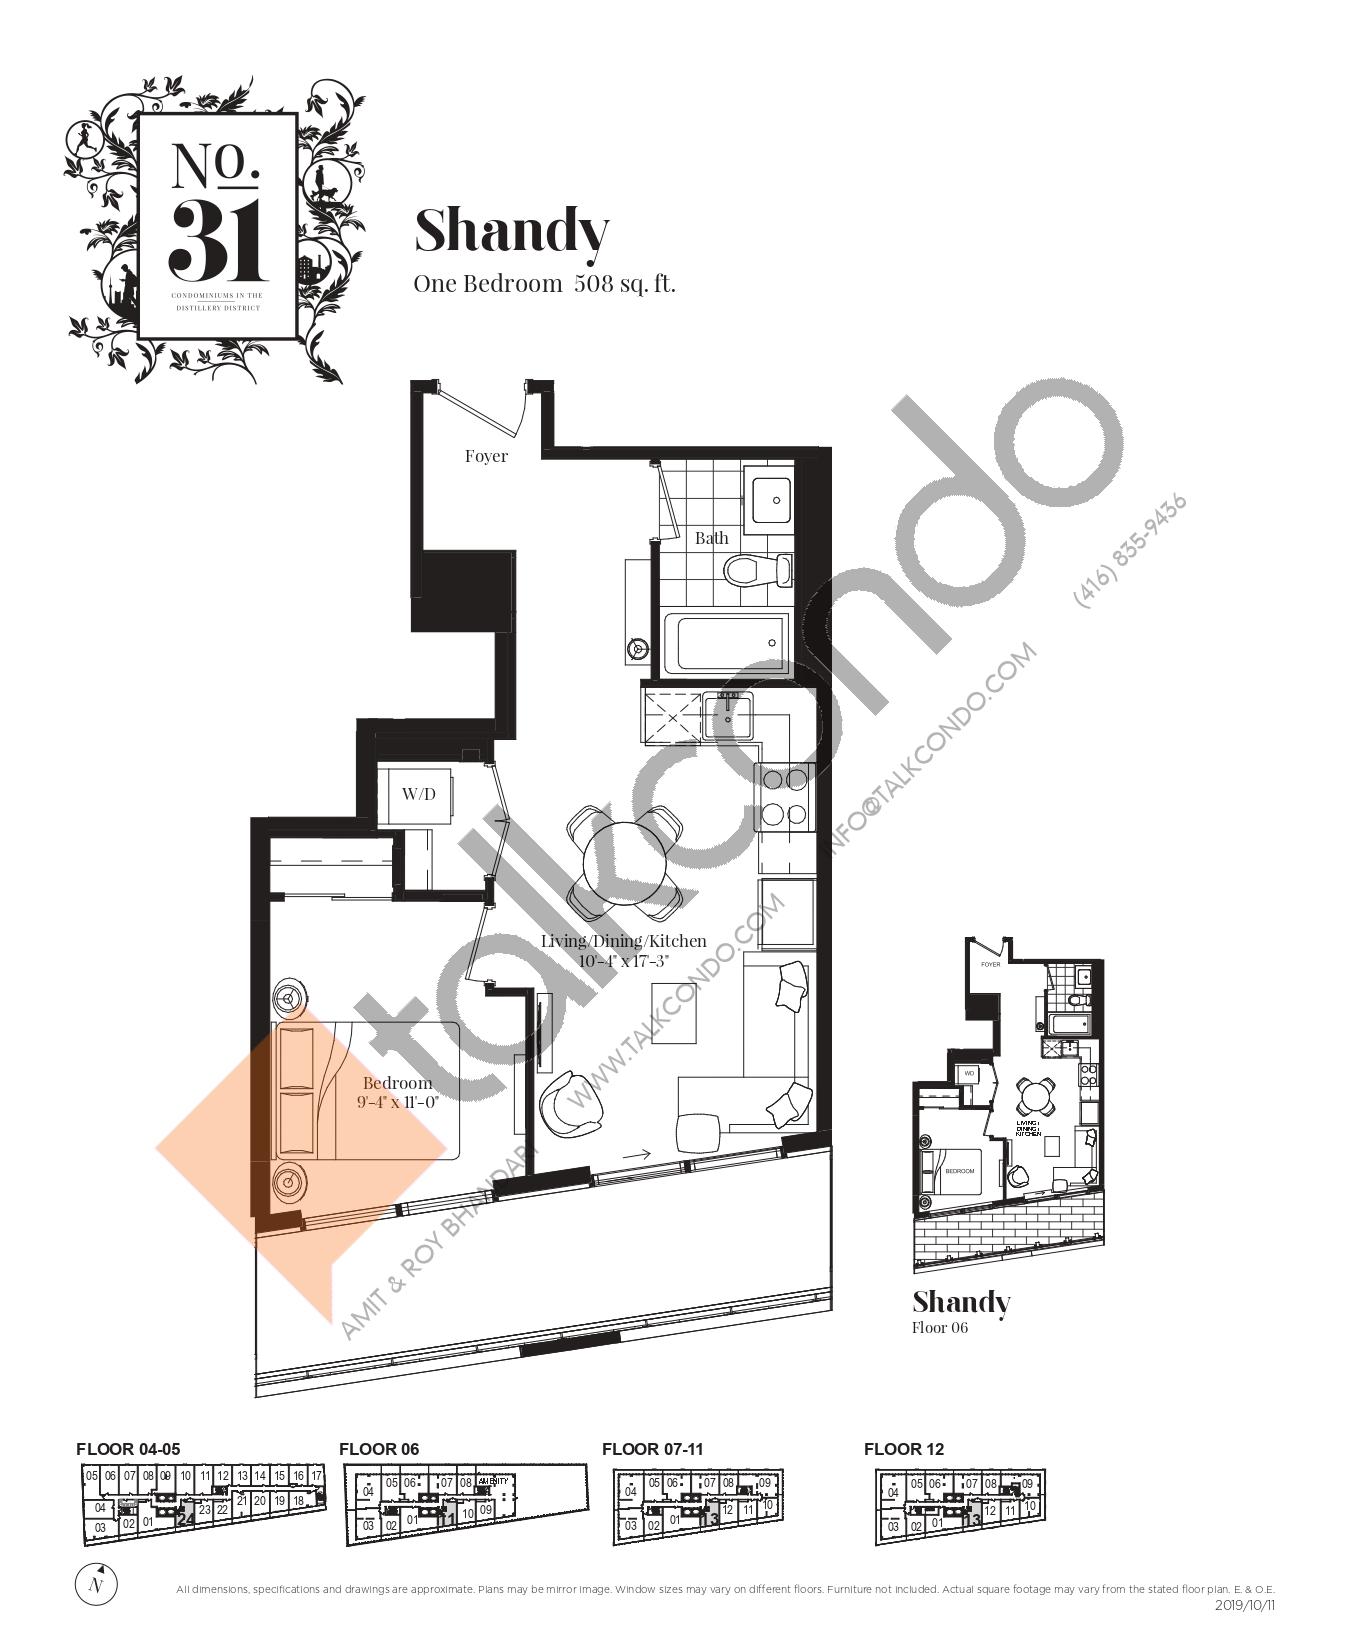 Shandy Floor Plan at No. 31 Condos - 508 sq.ft